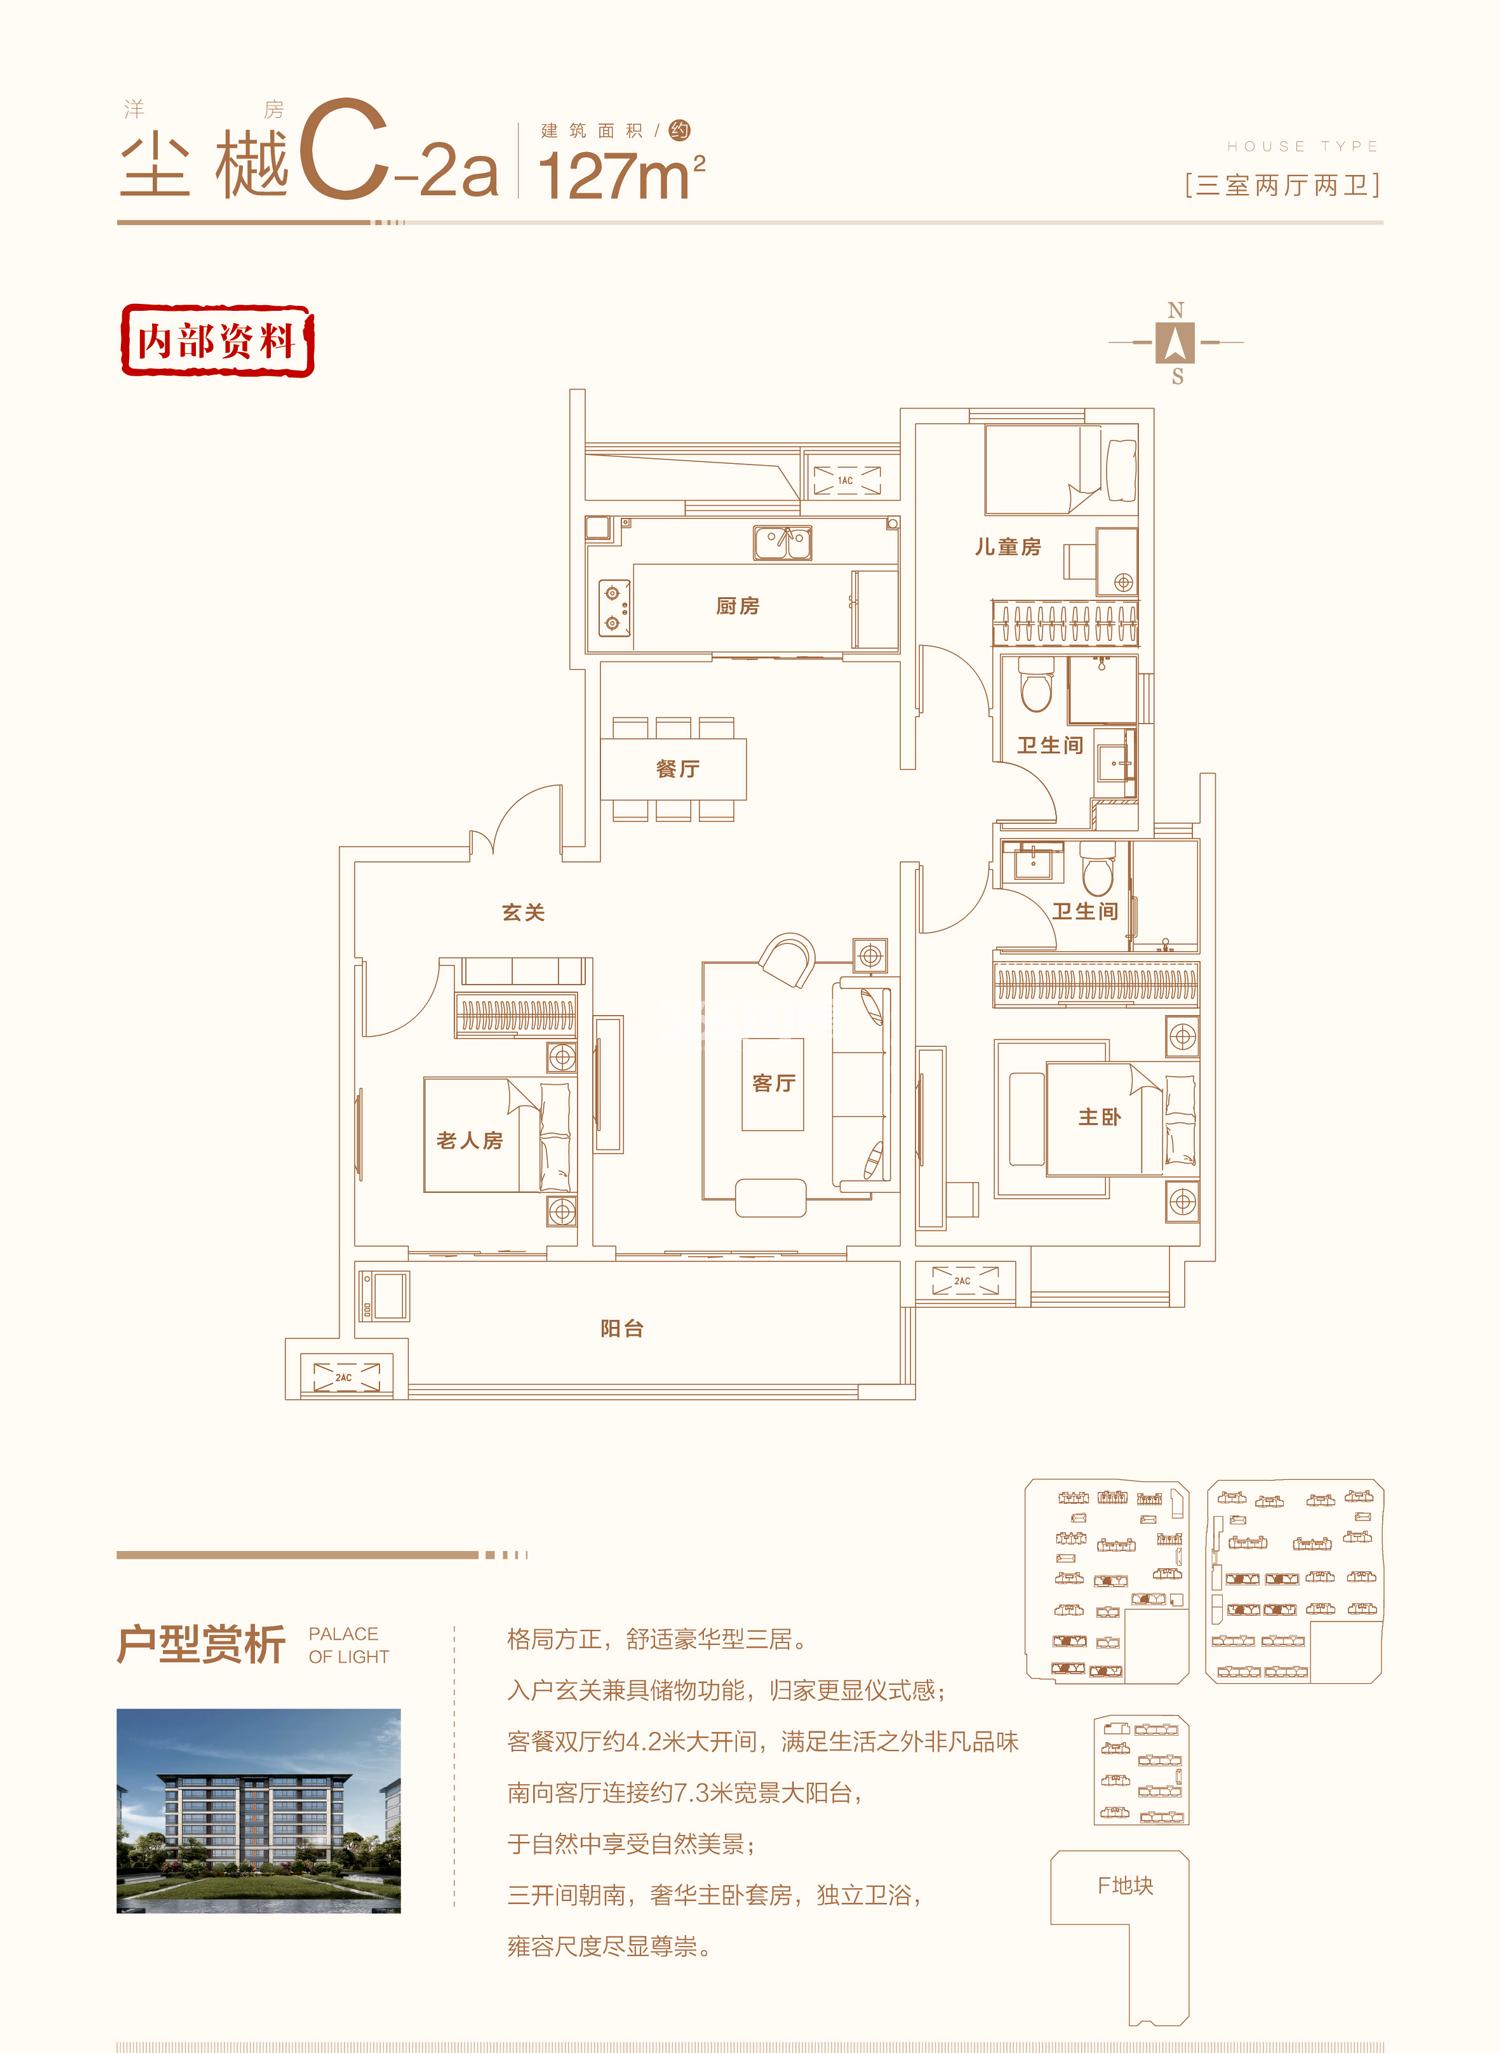 保利和光尘樾洋房127㎡C-2a户型图